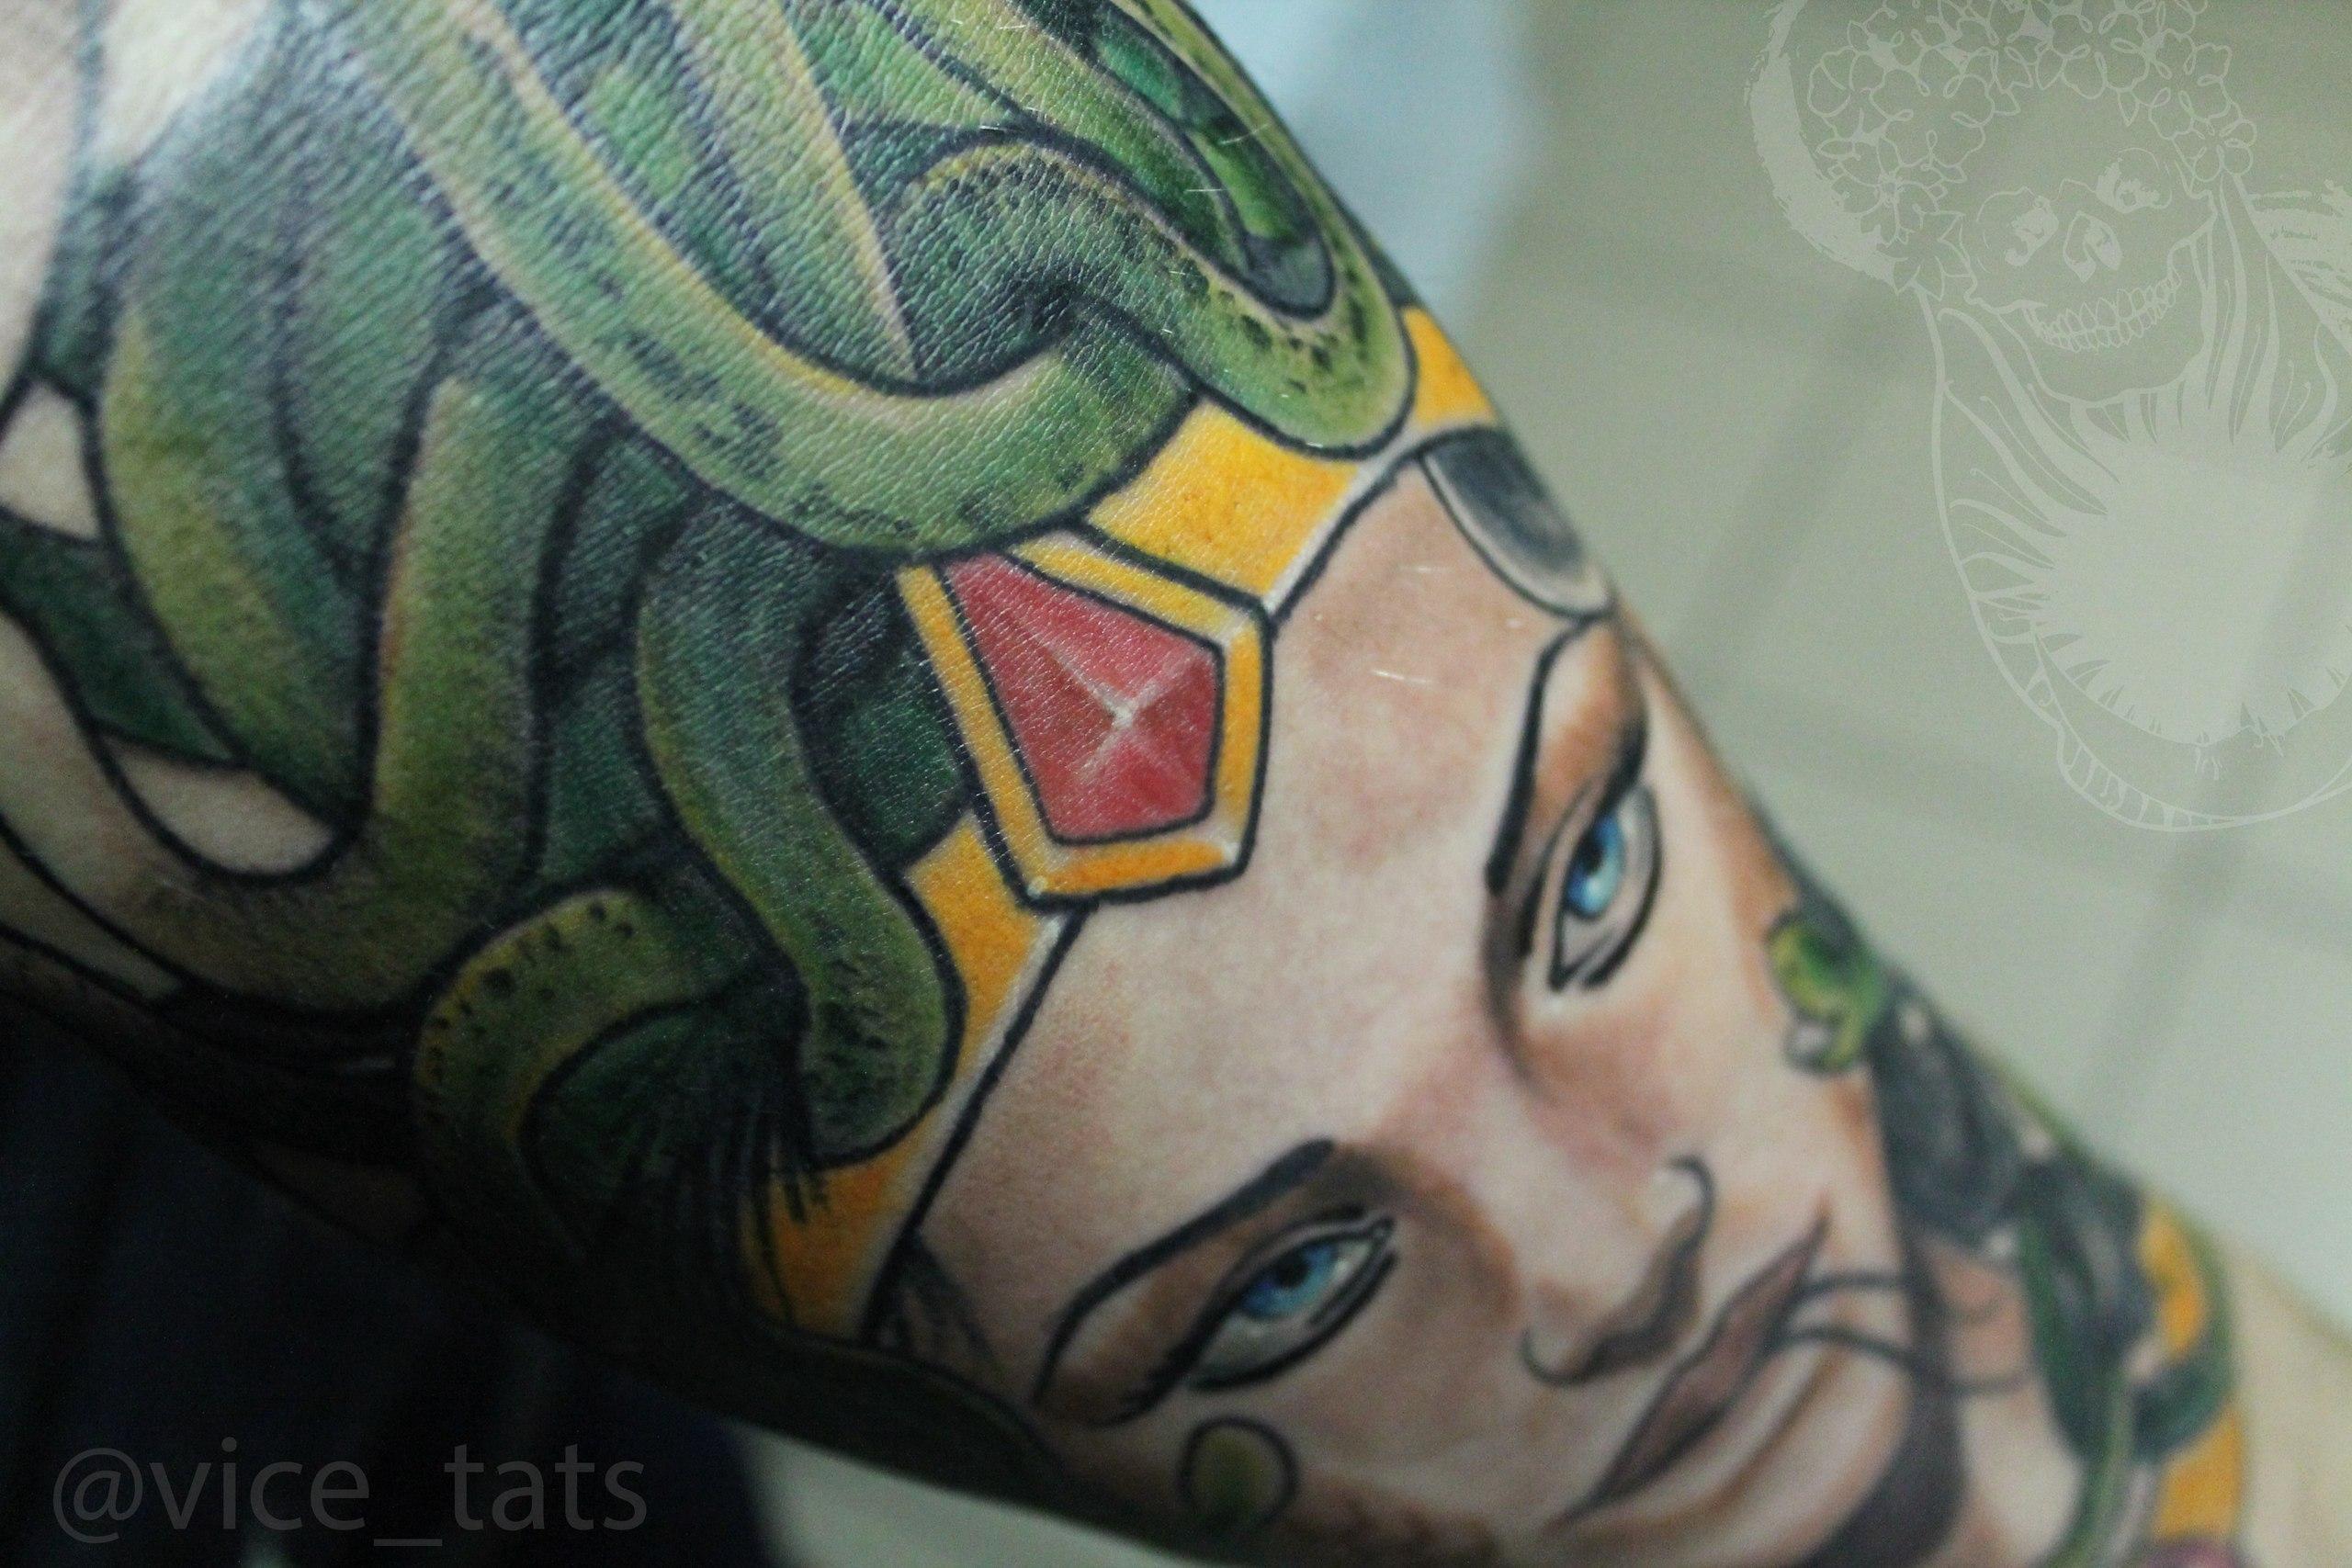 Художественная татуировка. Фрагмент рукава. Мастер: Дима Поликарпов.